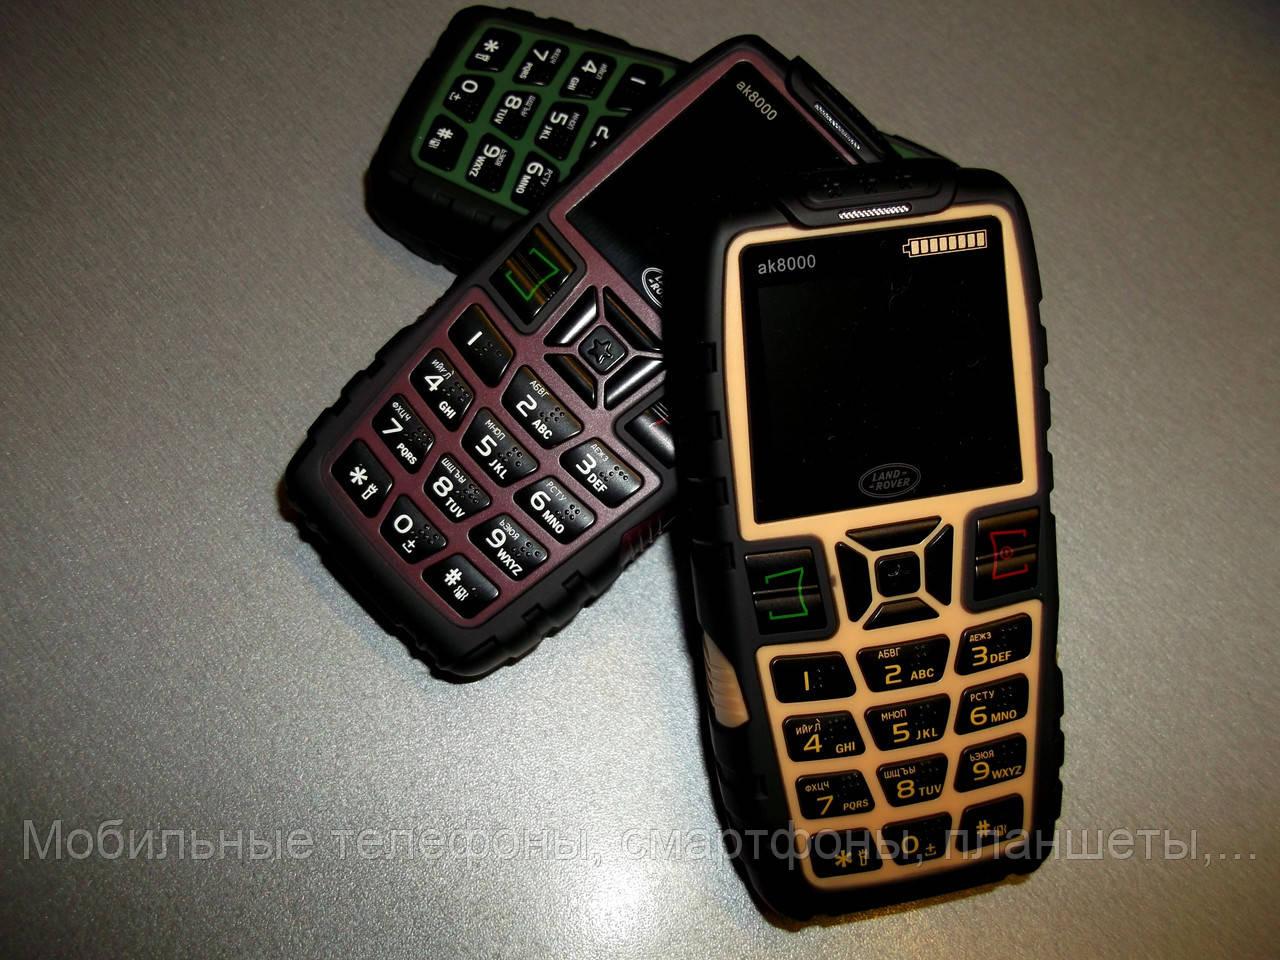 cfb90c142e19 Противоударный телефон Land Rover Ak8000 (2 сим карты, ленд ровер) копия -  Мобильные